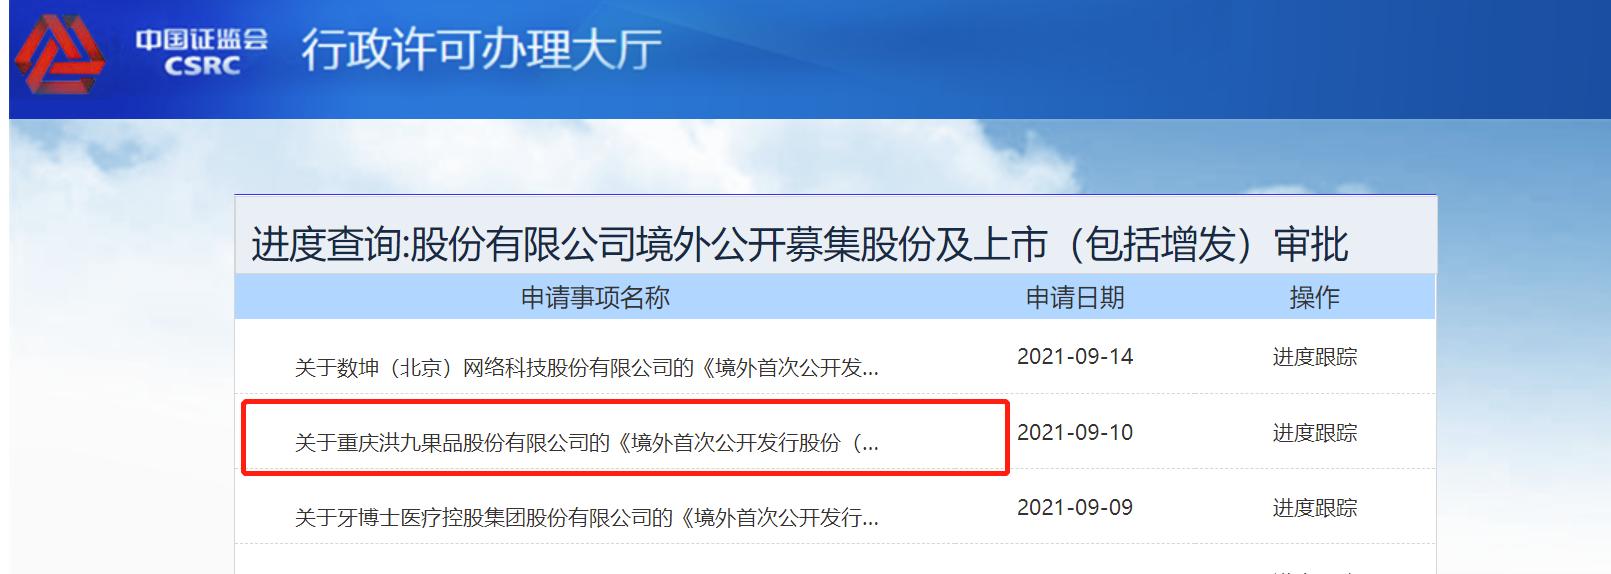 阿里等机构持股的洪九果品拟香港IPO